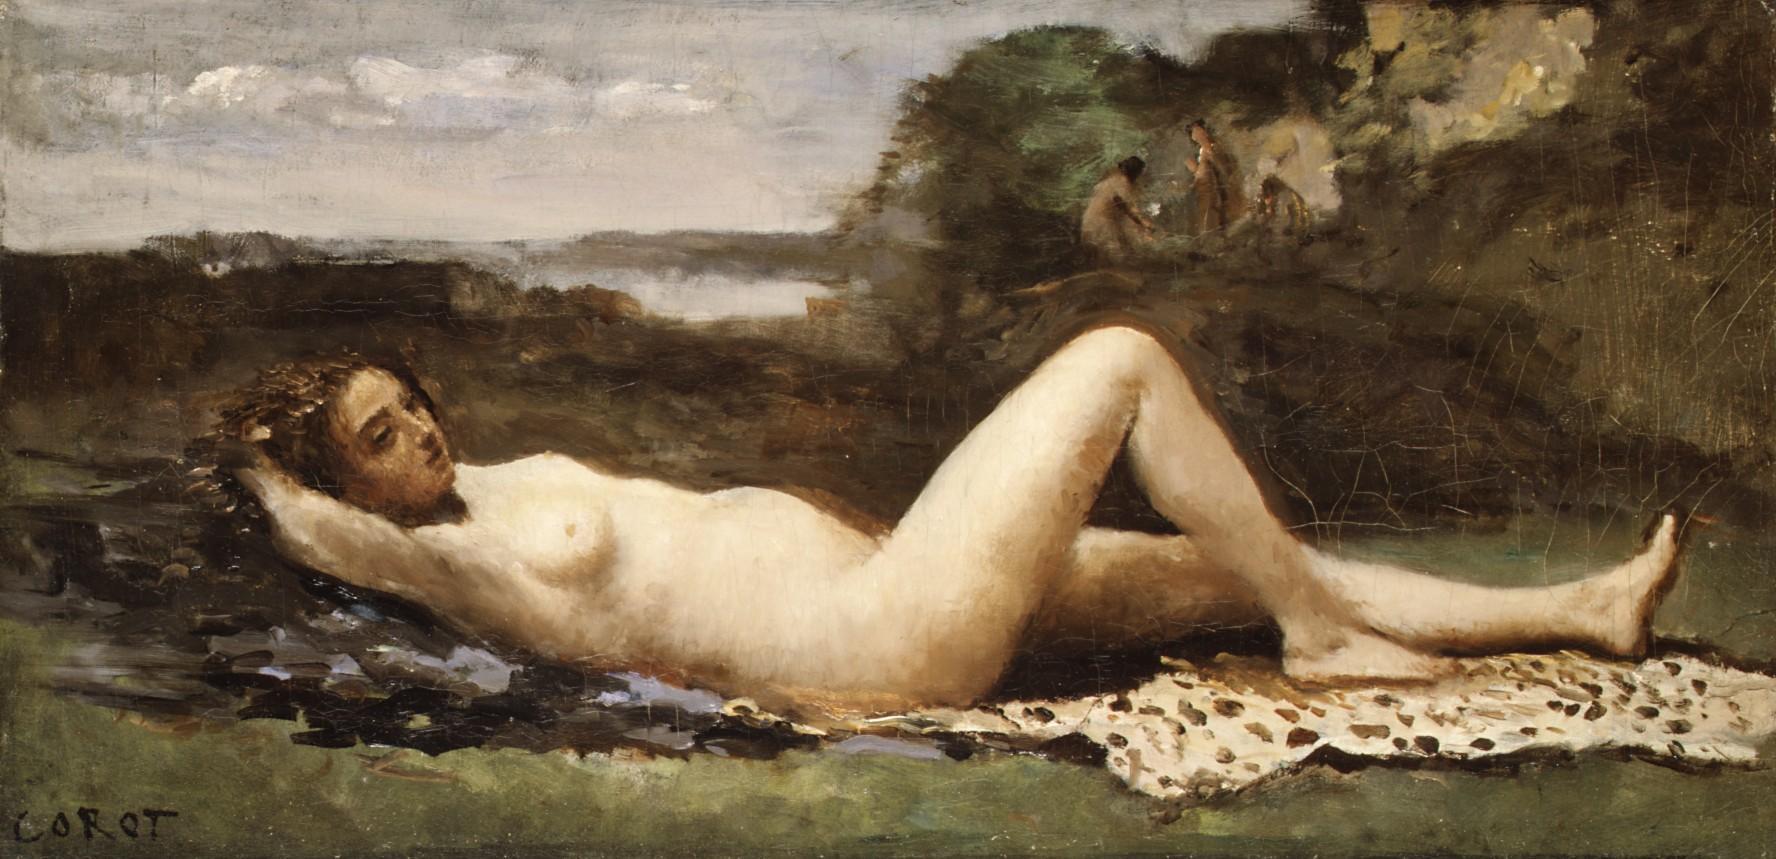 Bacchante dans un paysage (1865-1870)